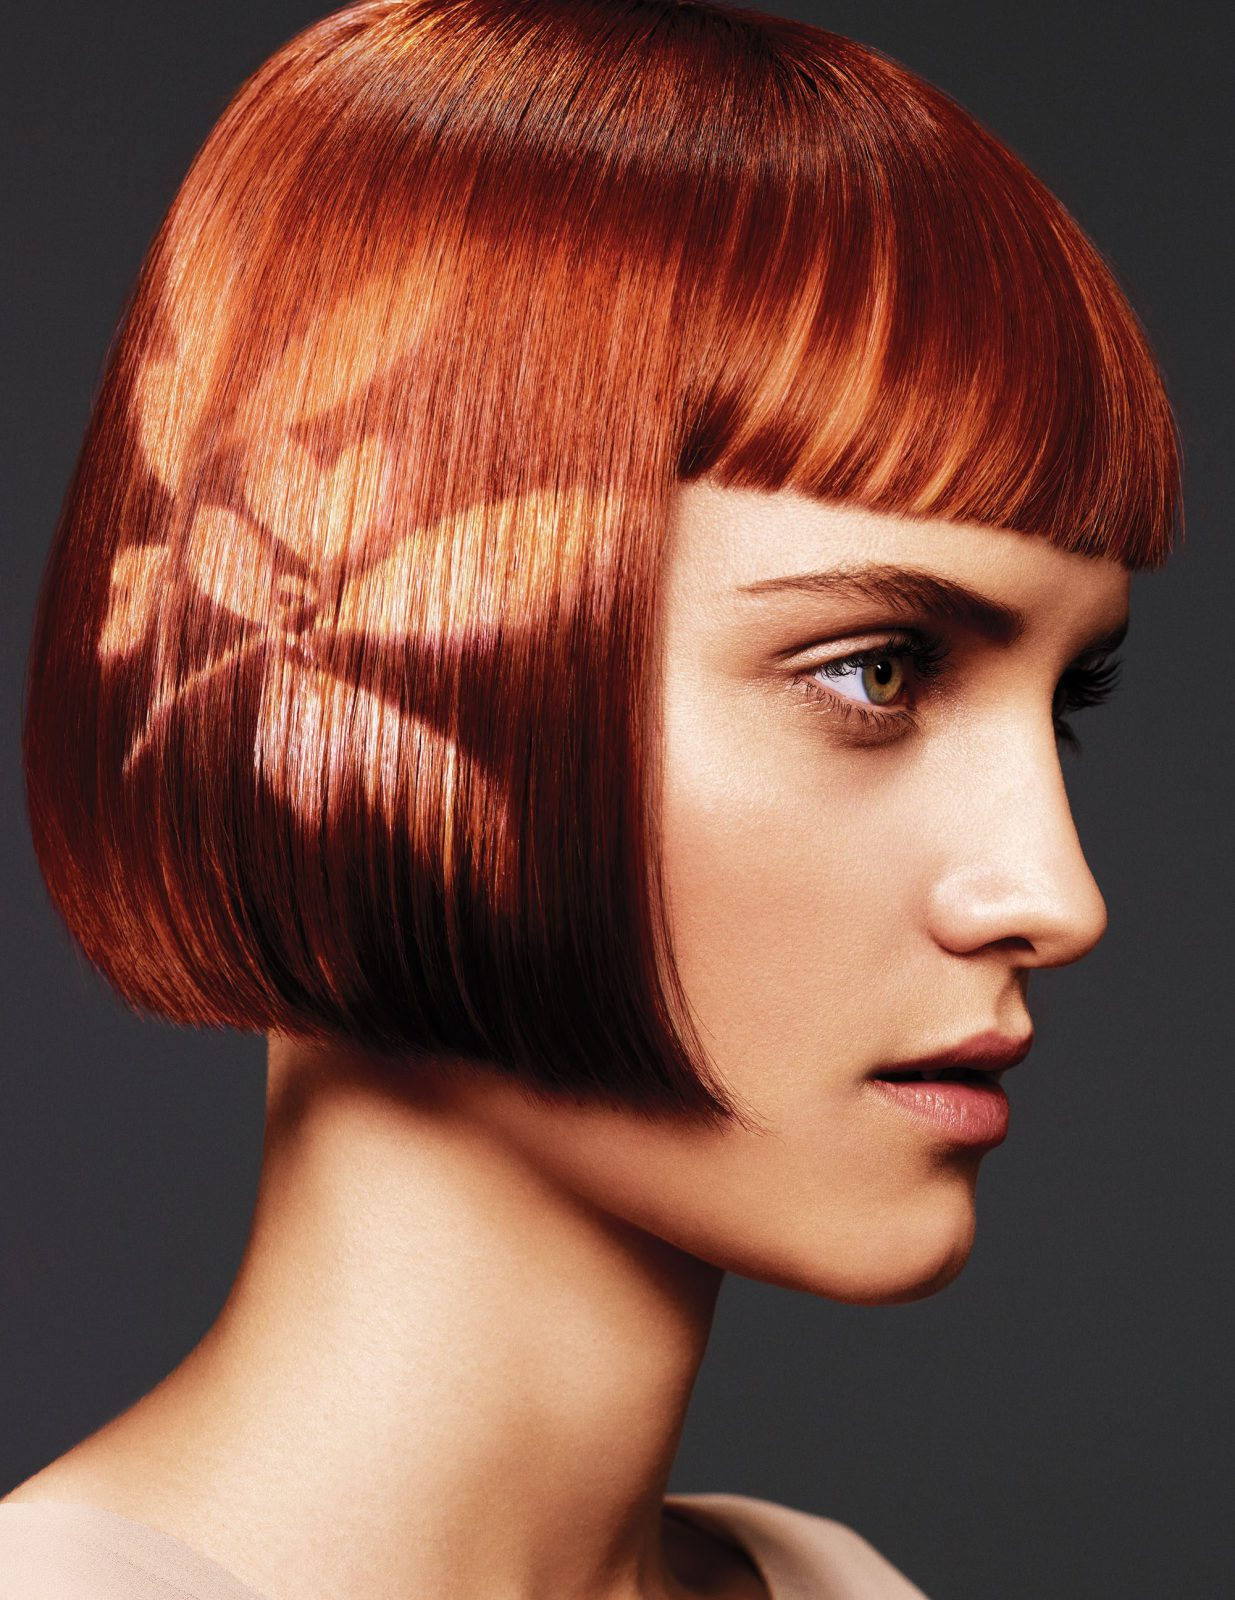 виды колорирования волос фото ведь